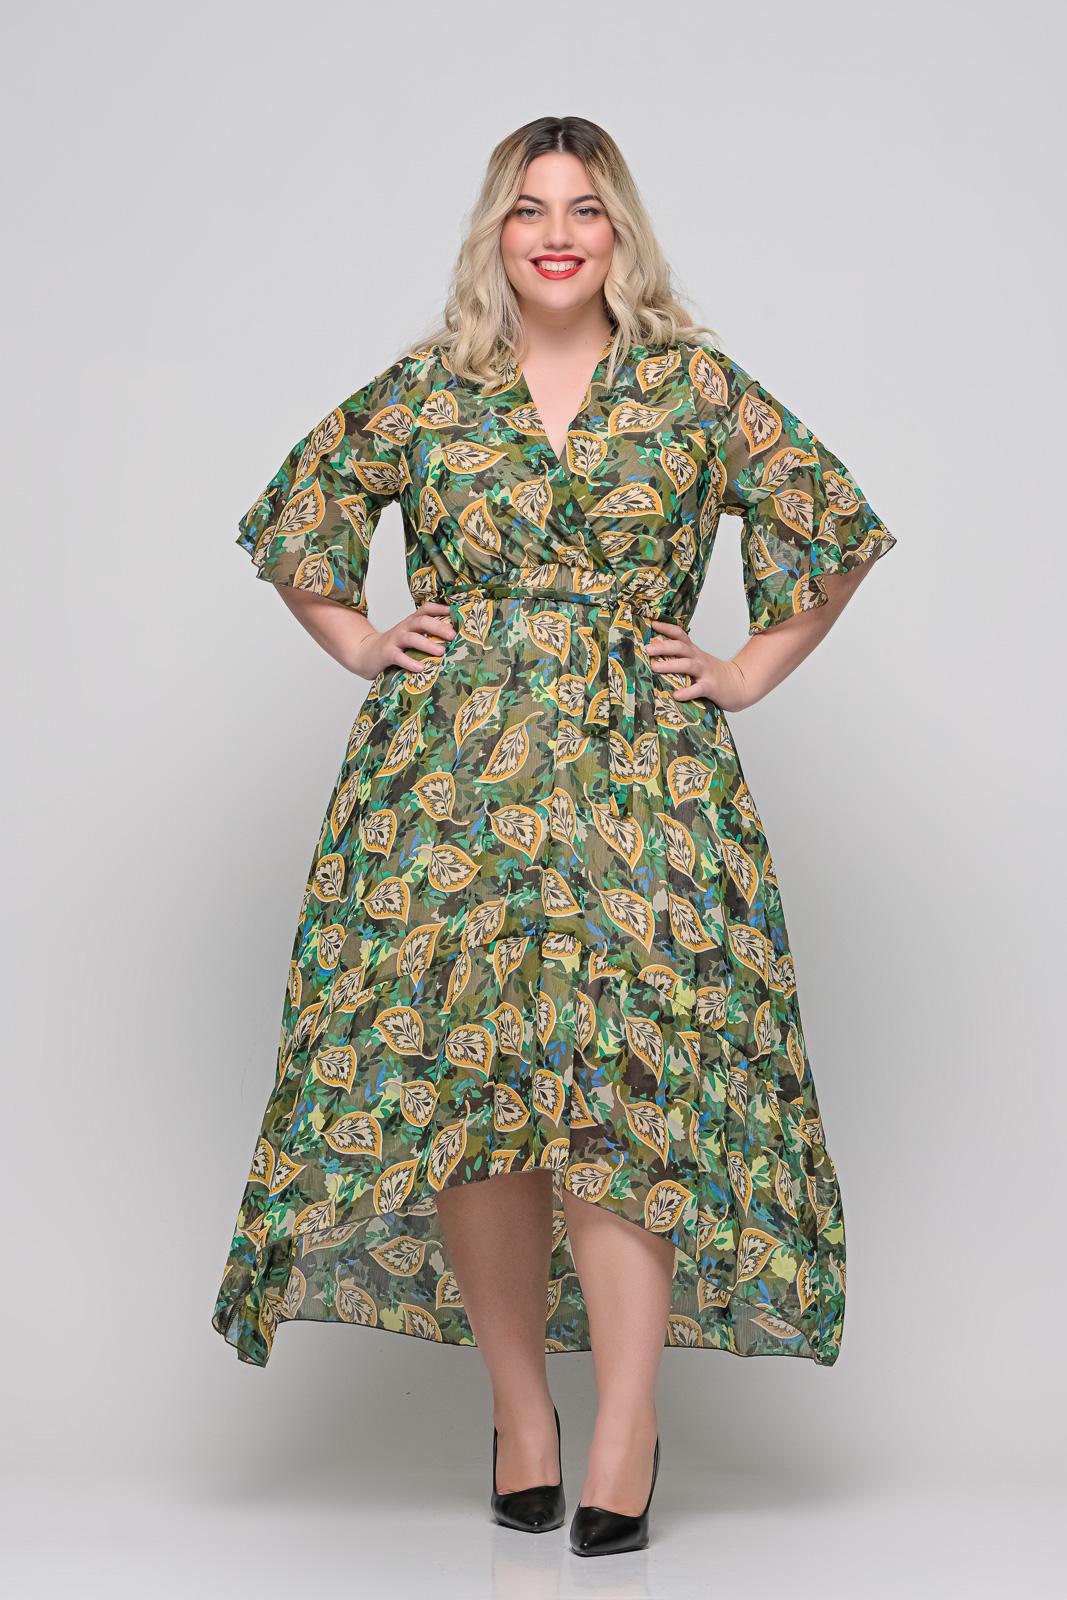 Φόρεμα μεγάλα μεγέθη κρουαζέ floral με φραμπαλά μανίκι και ζωνάκι.Στο eshop μας θα βρείτε οικονομικά γυναίκεια ρούχα σε μεγάλα μεγέθη και υπερμεγέθη.